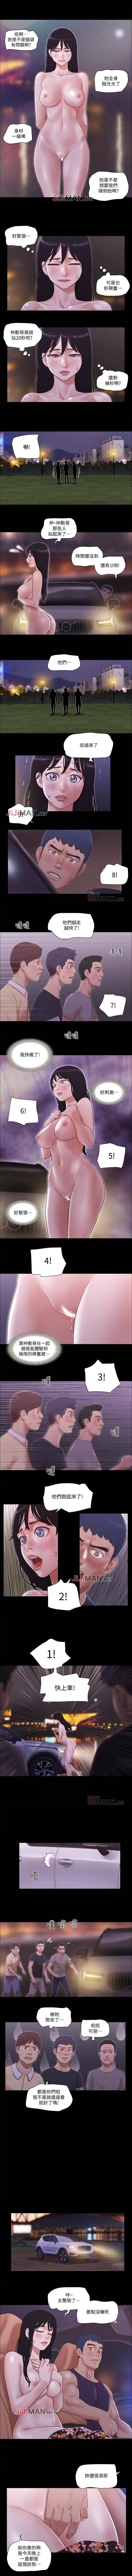 【周五连载】协议换爱(作者:遠德) 第1~57话 197